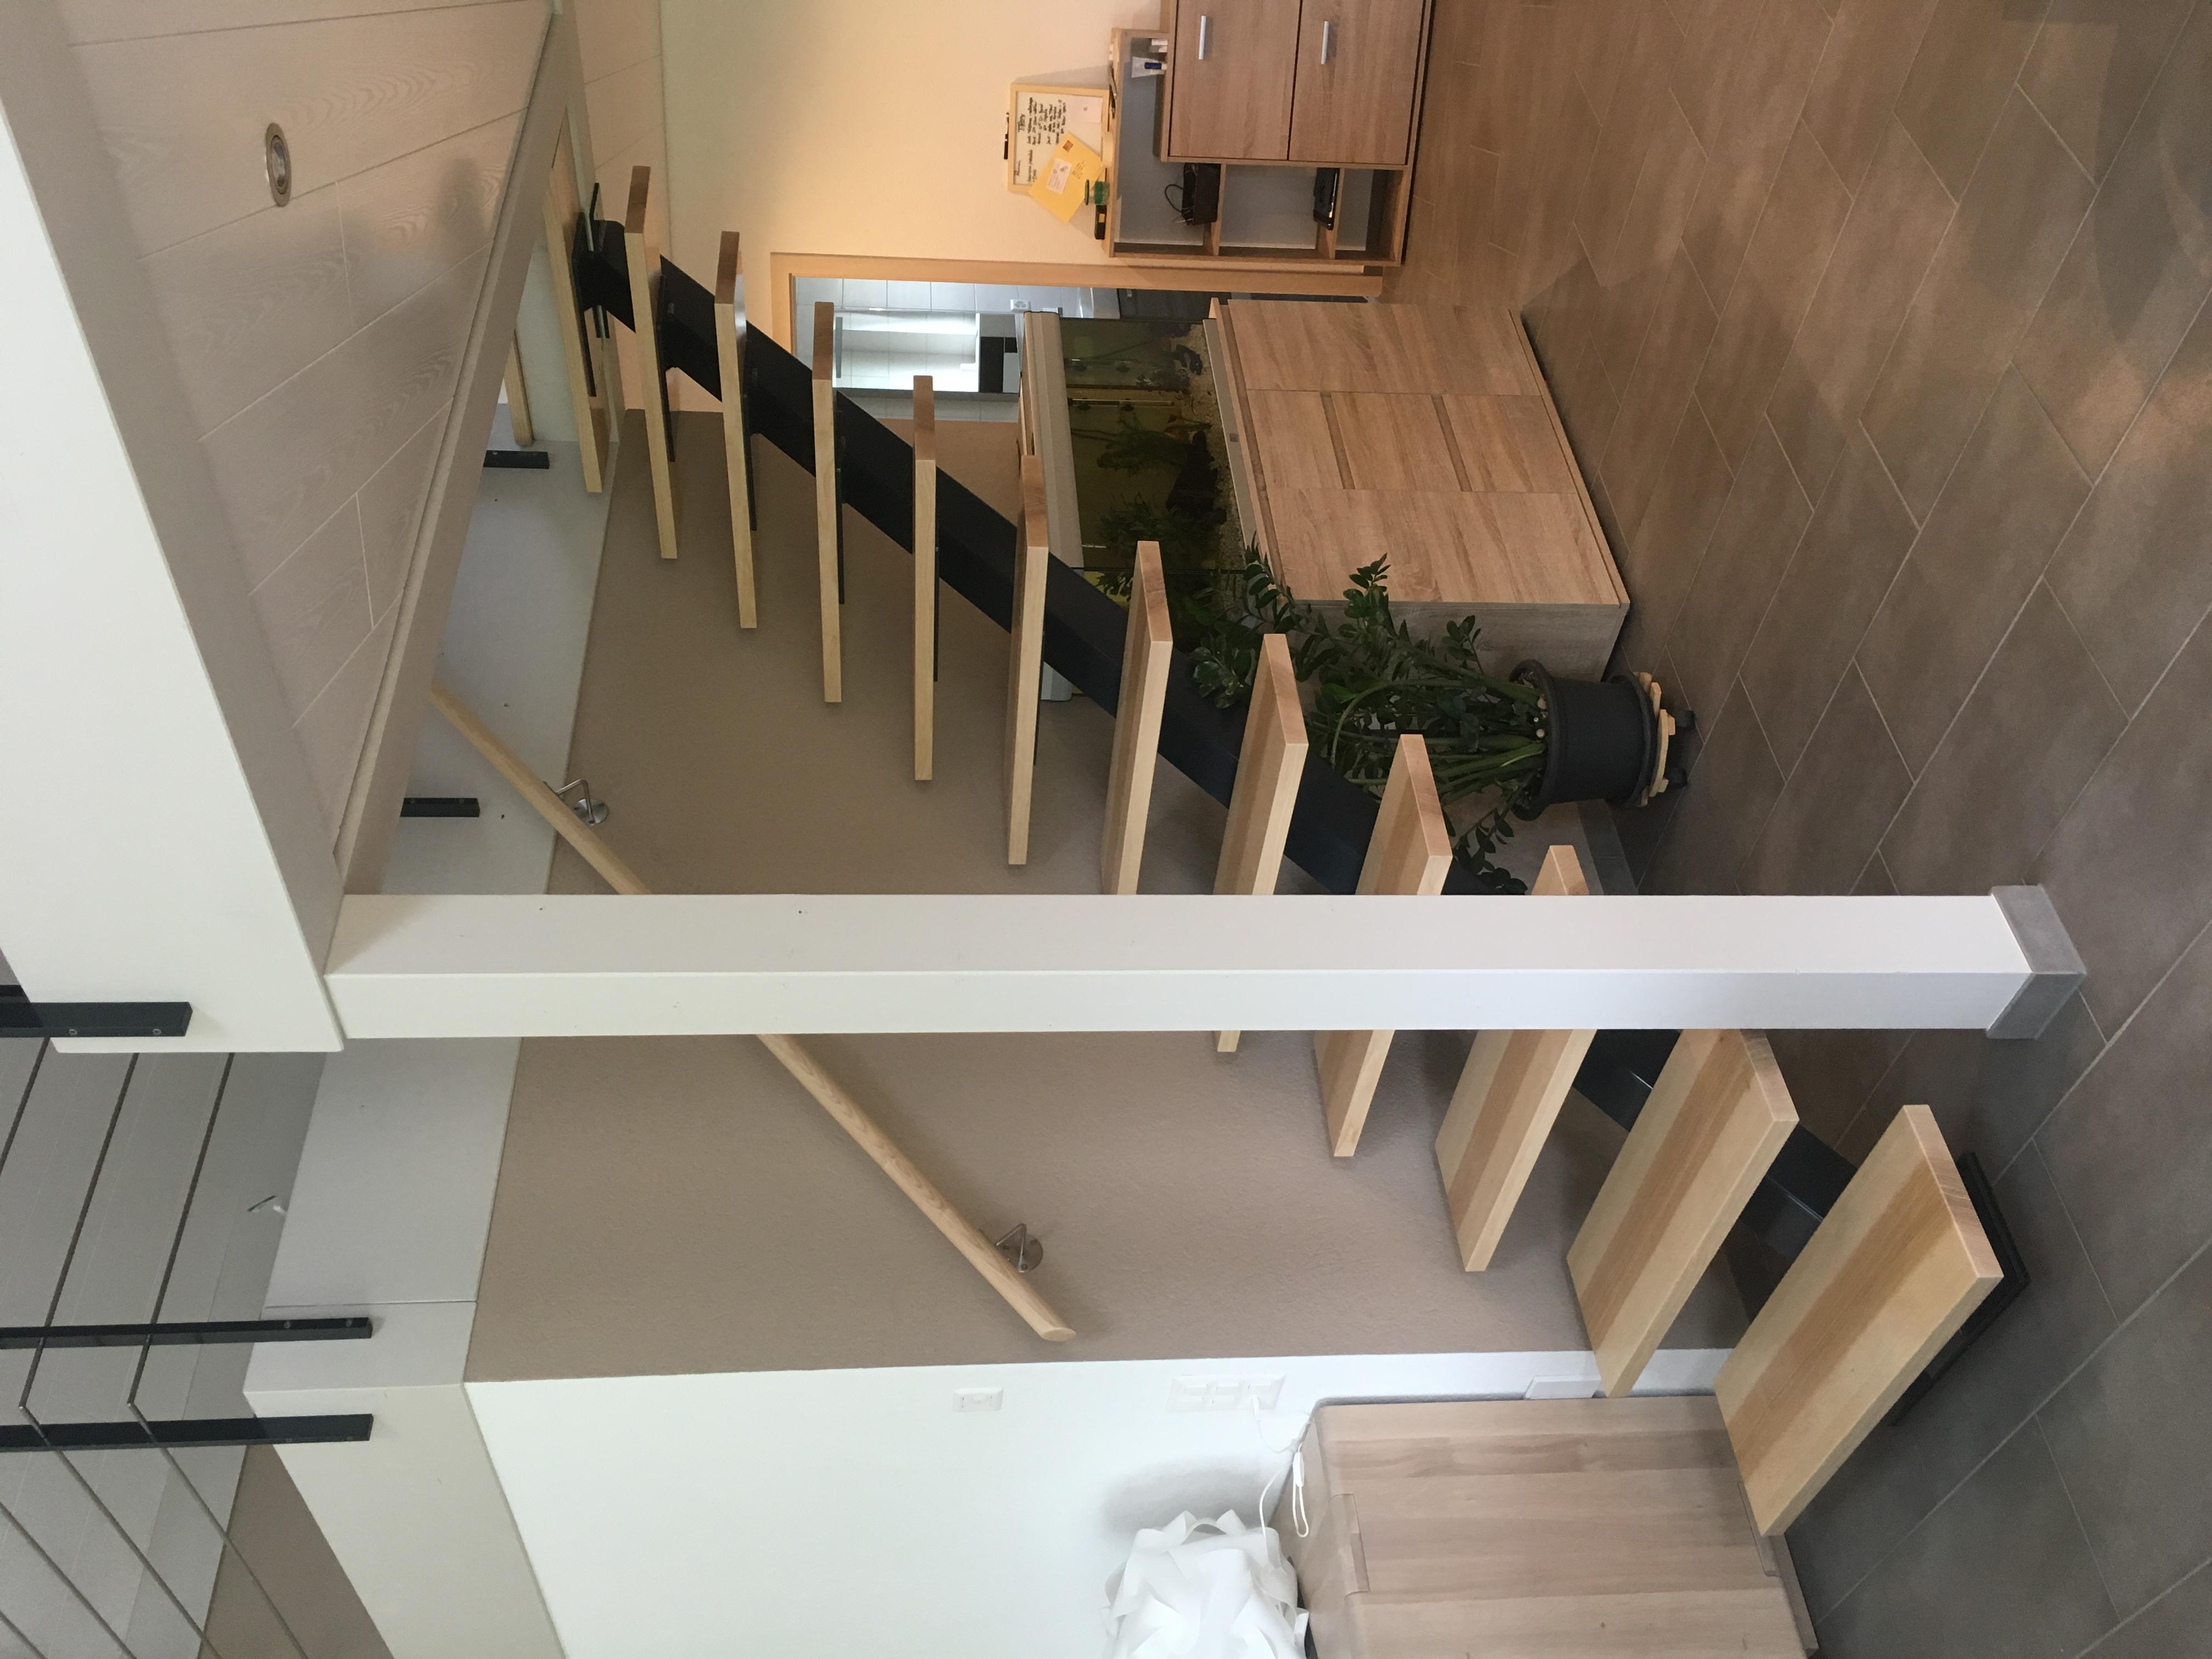 Escalier avec limon métalique